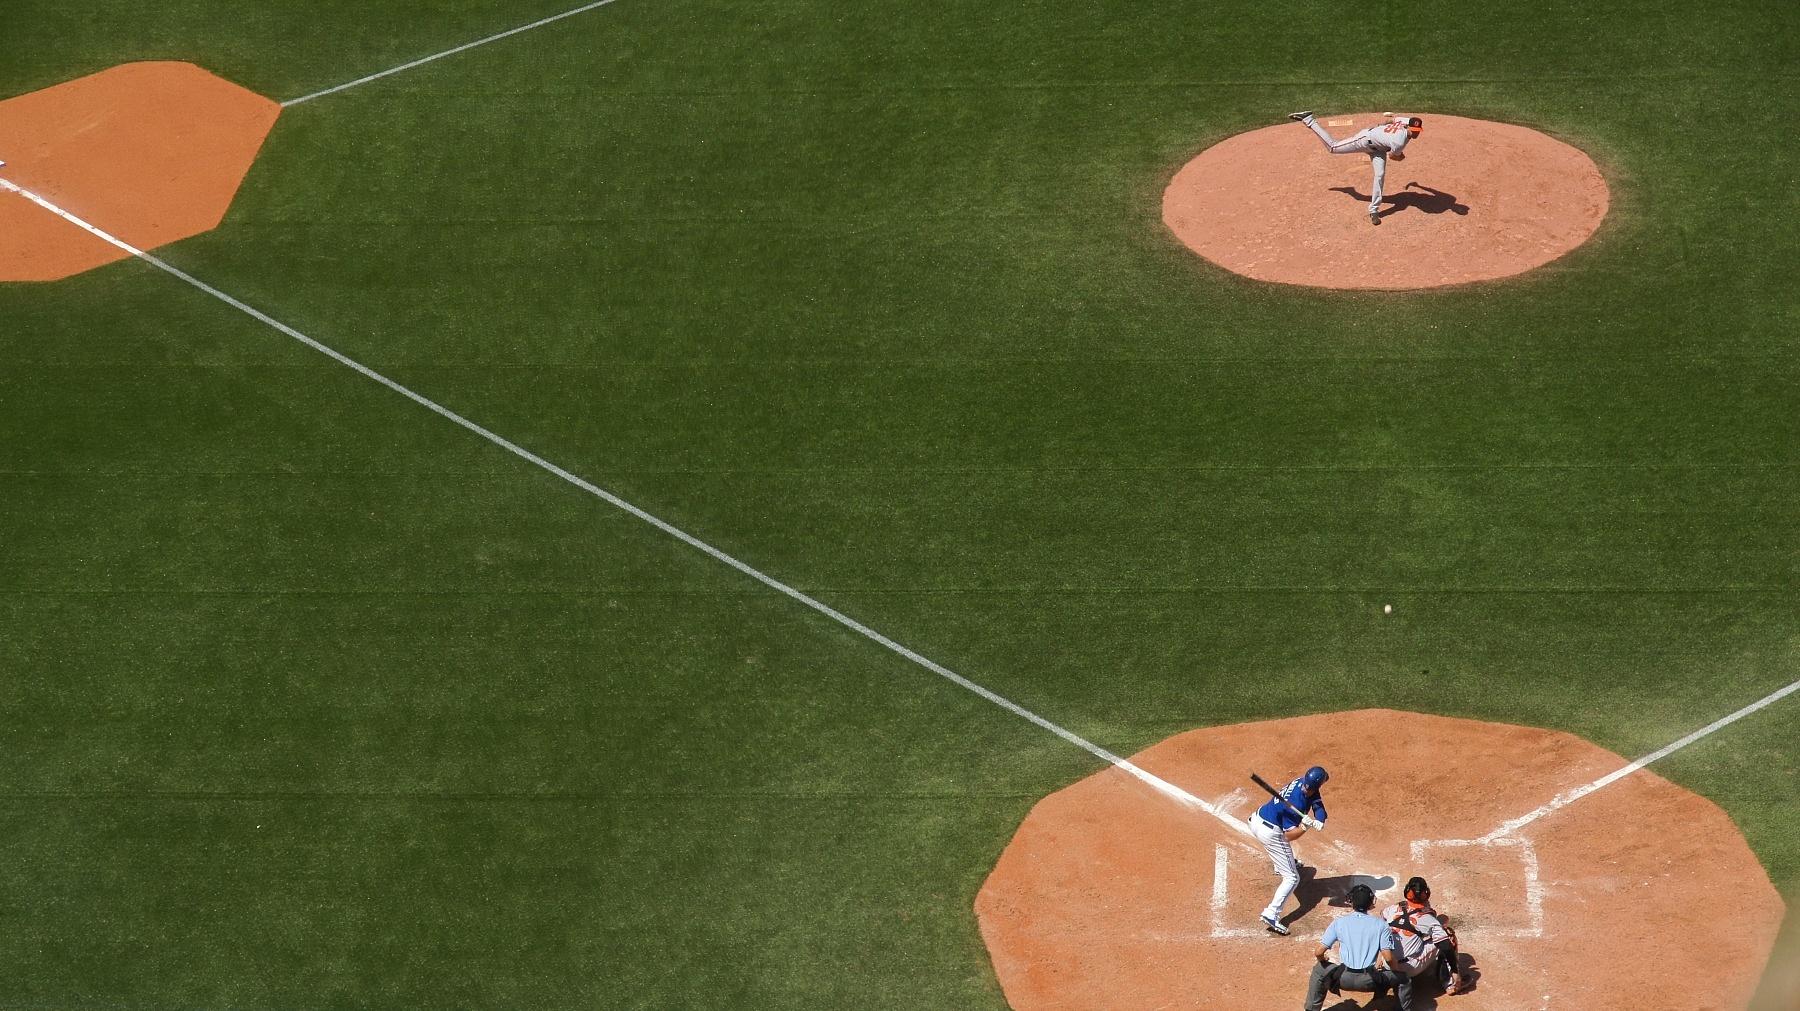 The Baseball/Softball Collection